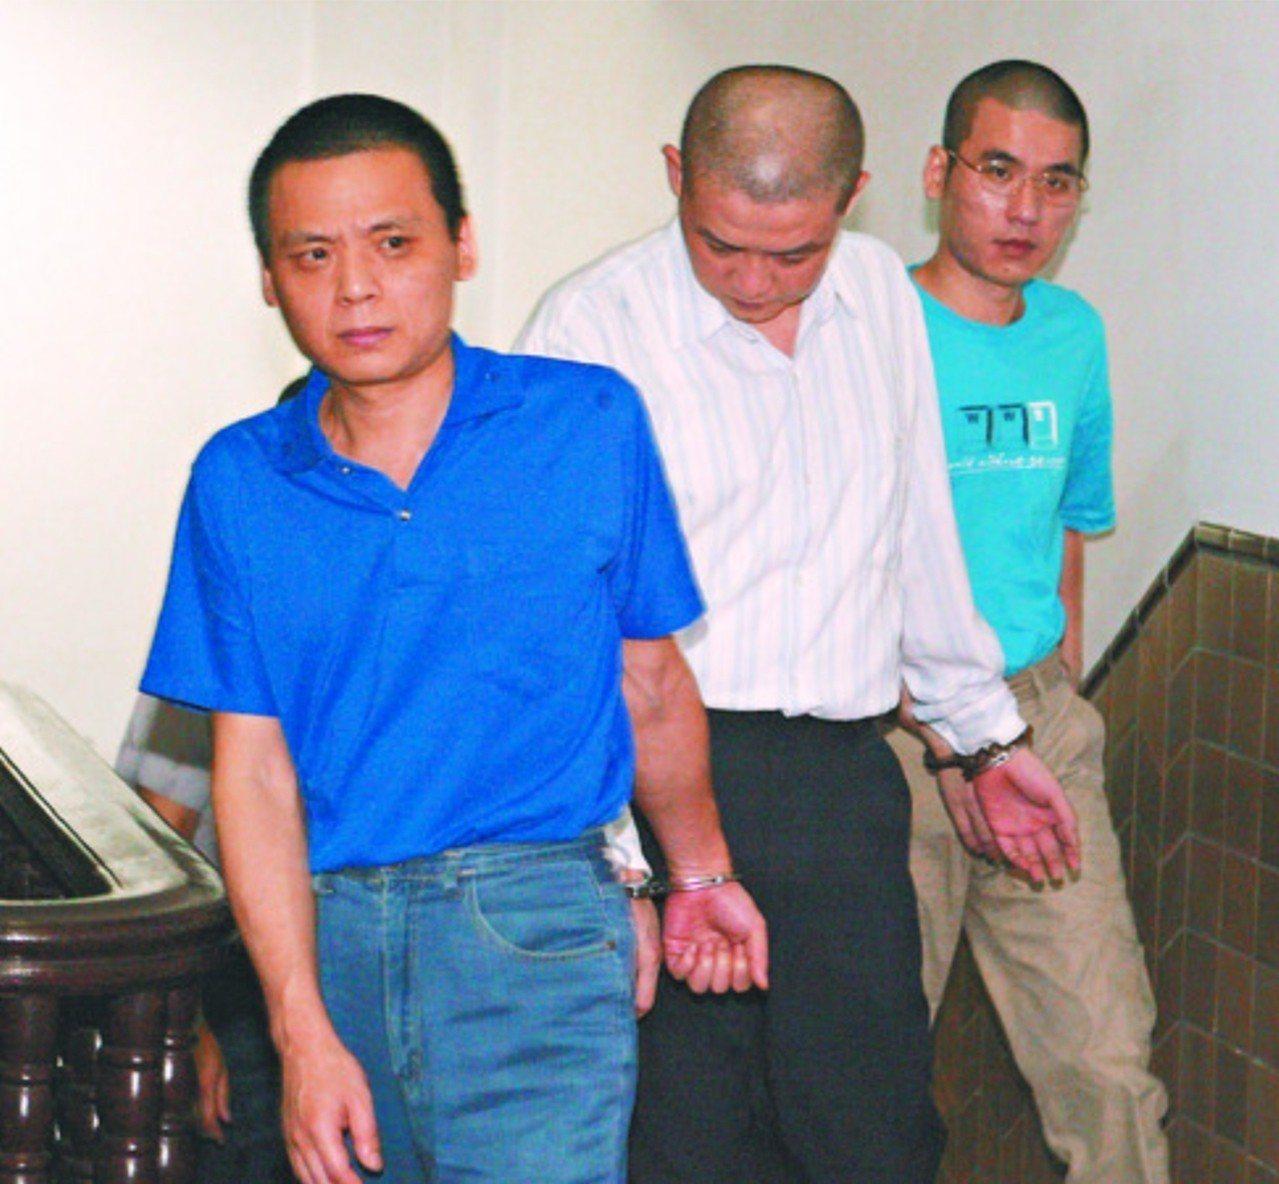 徐自強(左)、陳憶隆(中)、黃春棋(右)。本報資料照片